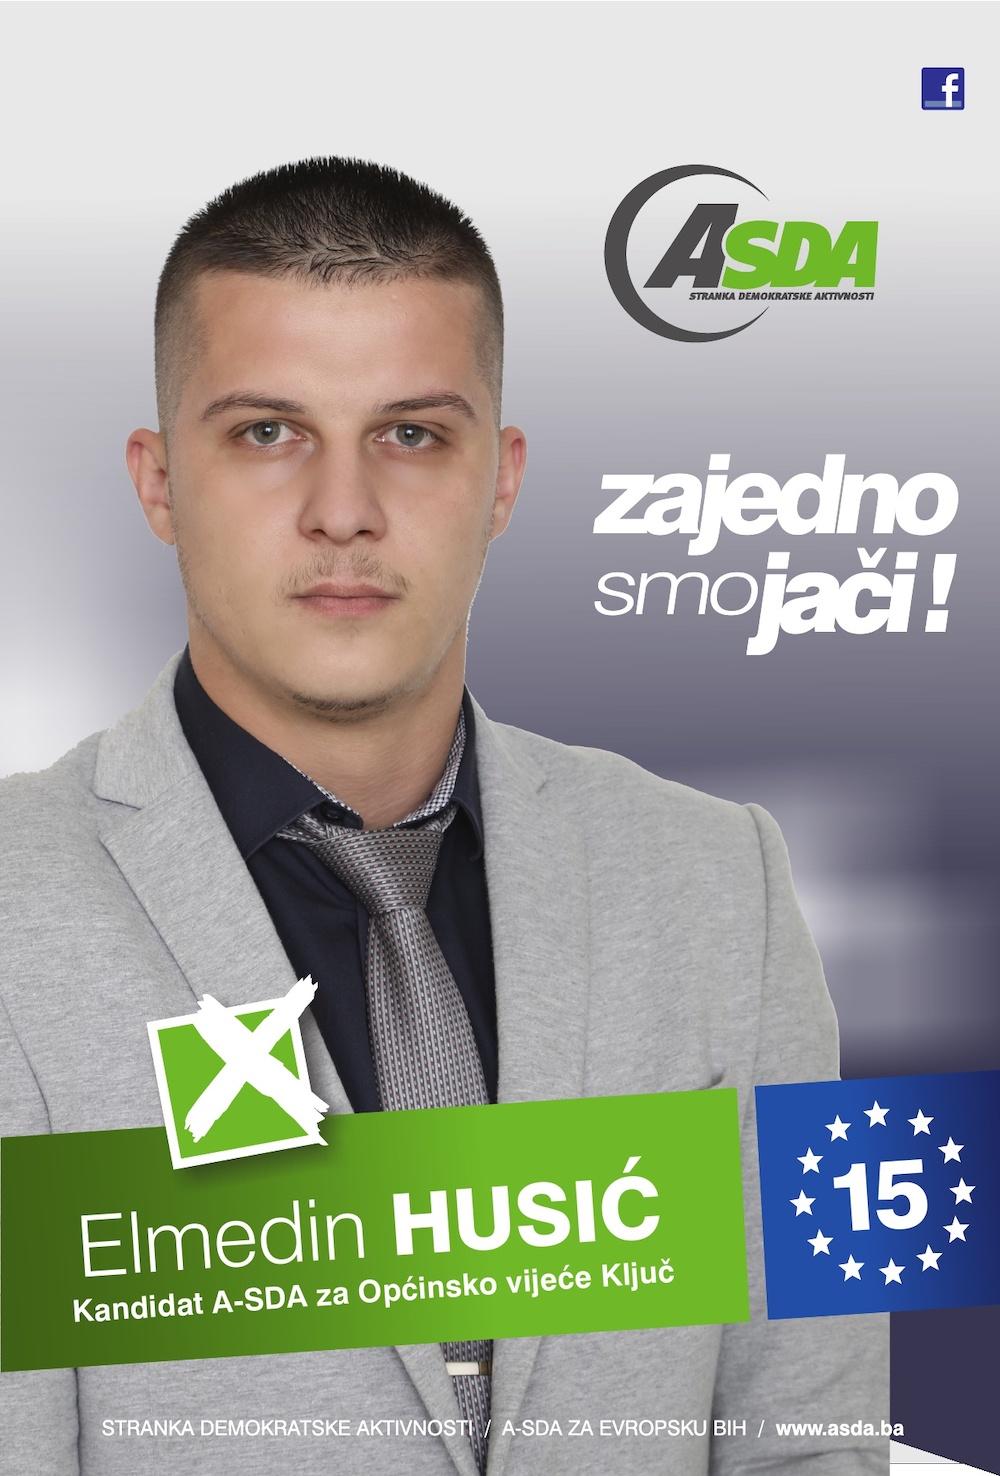 Rođen 09.08.1995. godine u Zenici. Po zanimanju je elekrotehničar energetike Trenutno zaposlen u firmi KRIS d.o.o. Ključ.